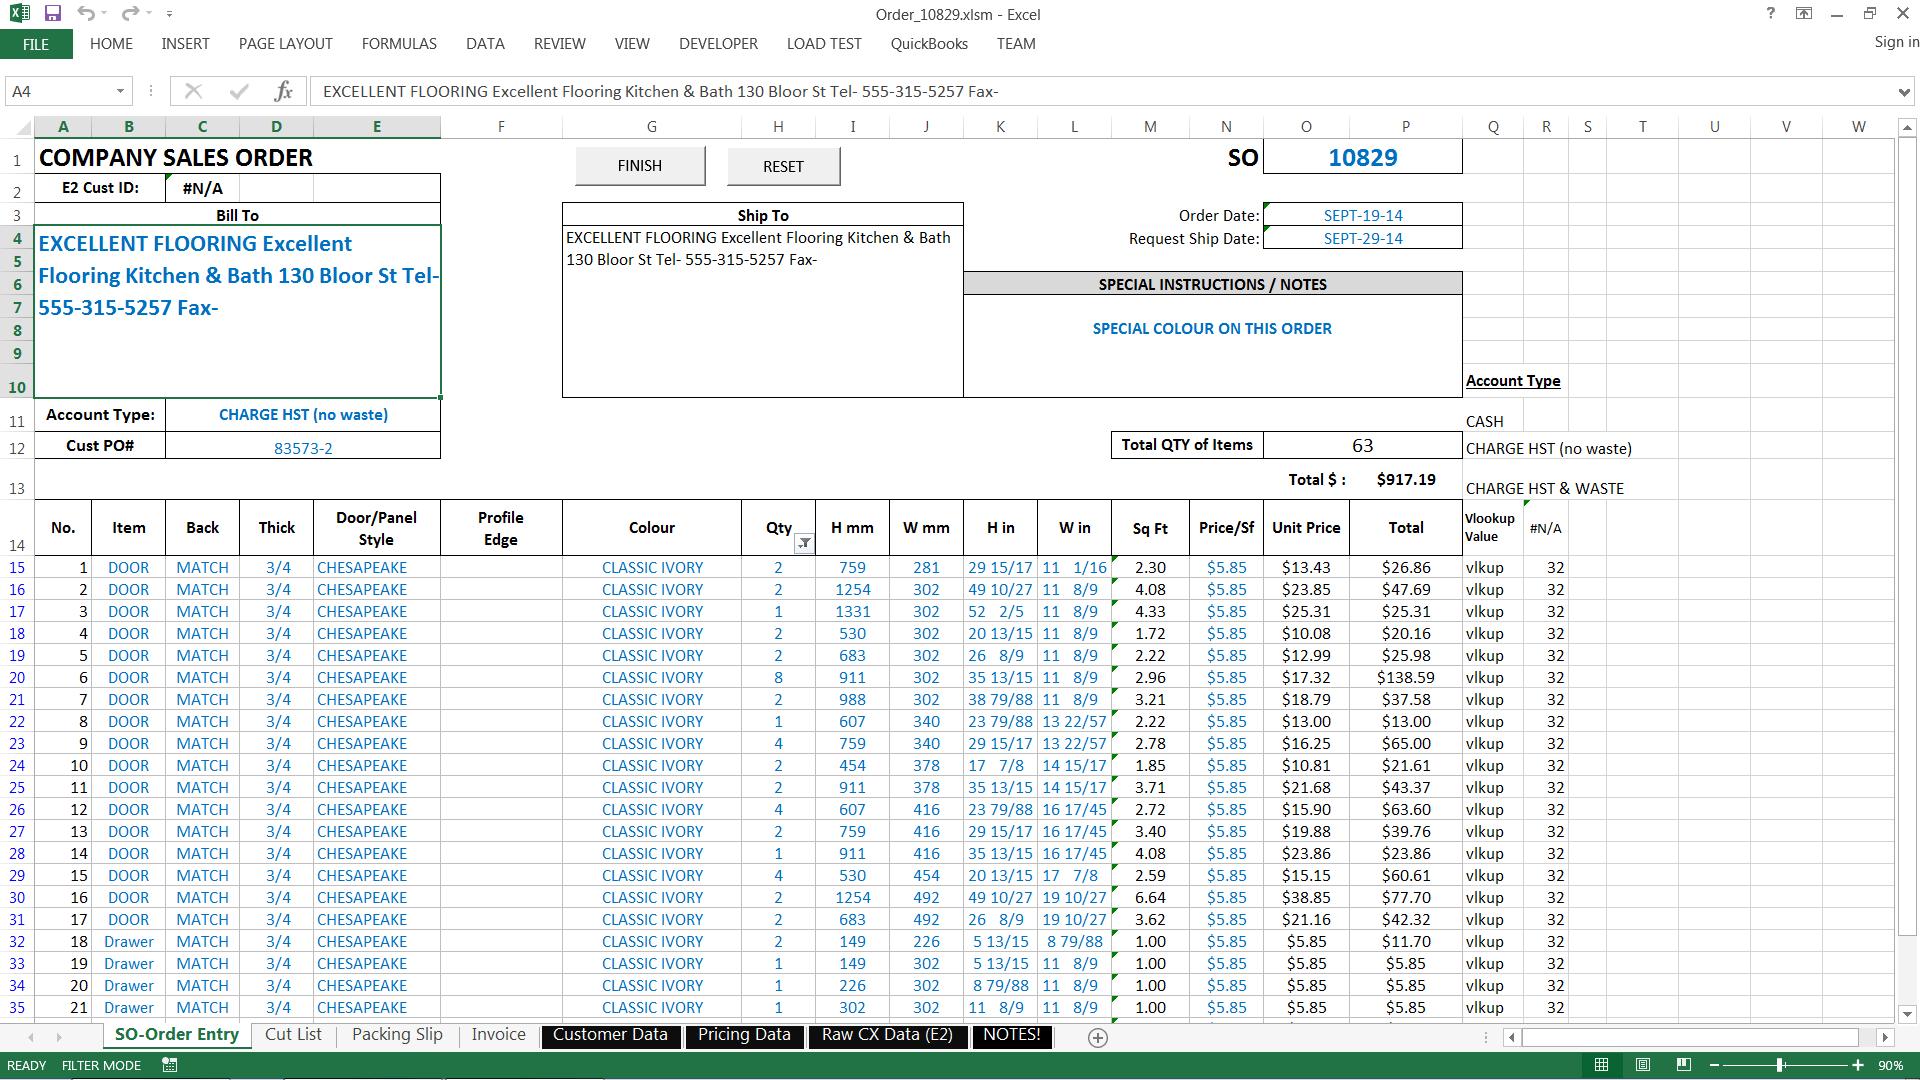 Po Tracking Spreadsheet | LAOBING KAISUO